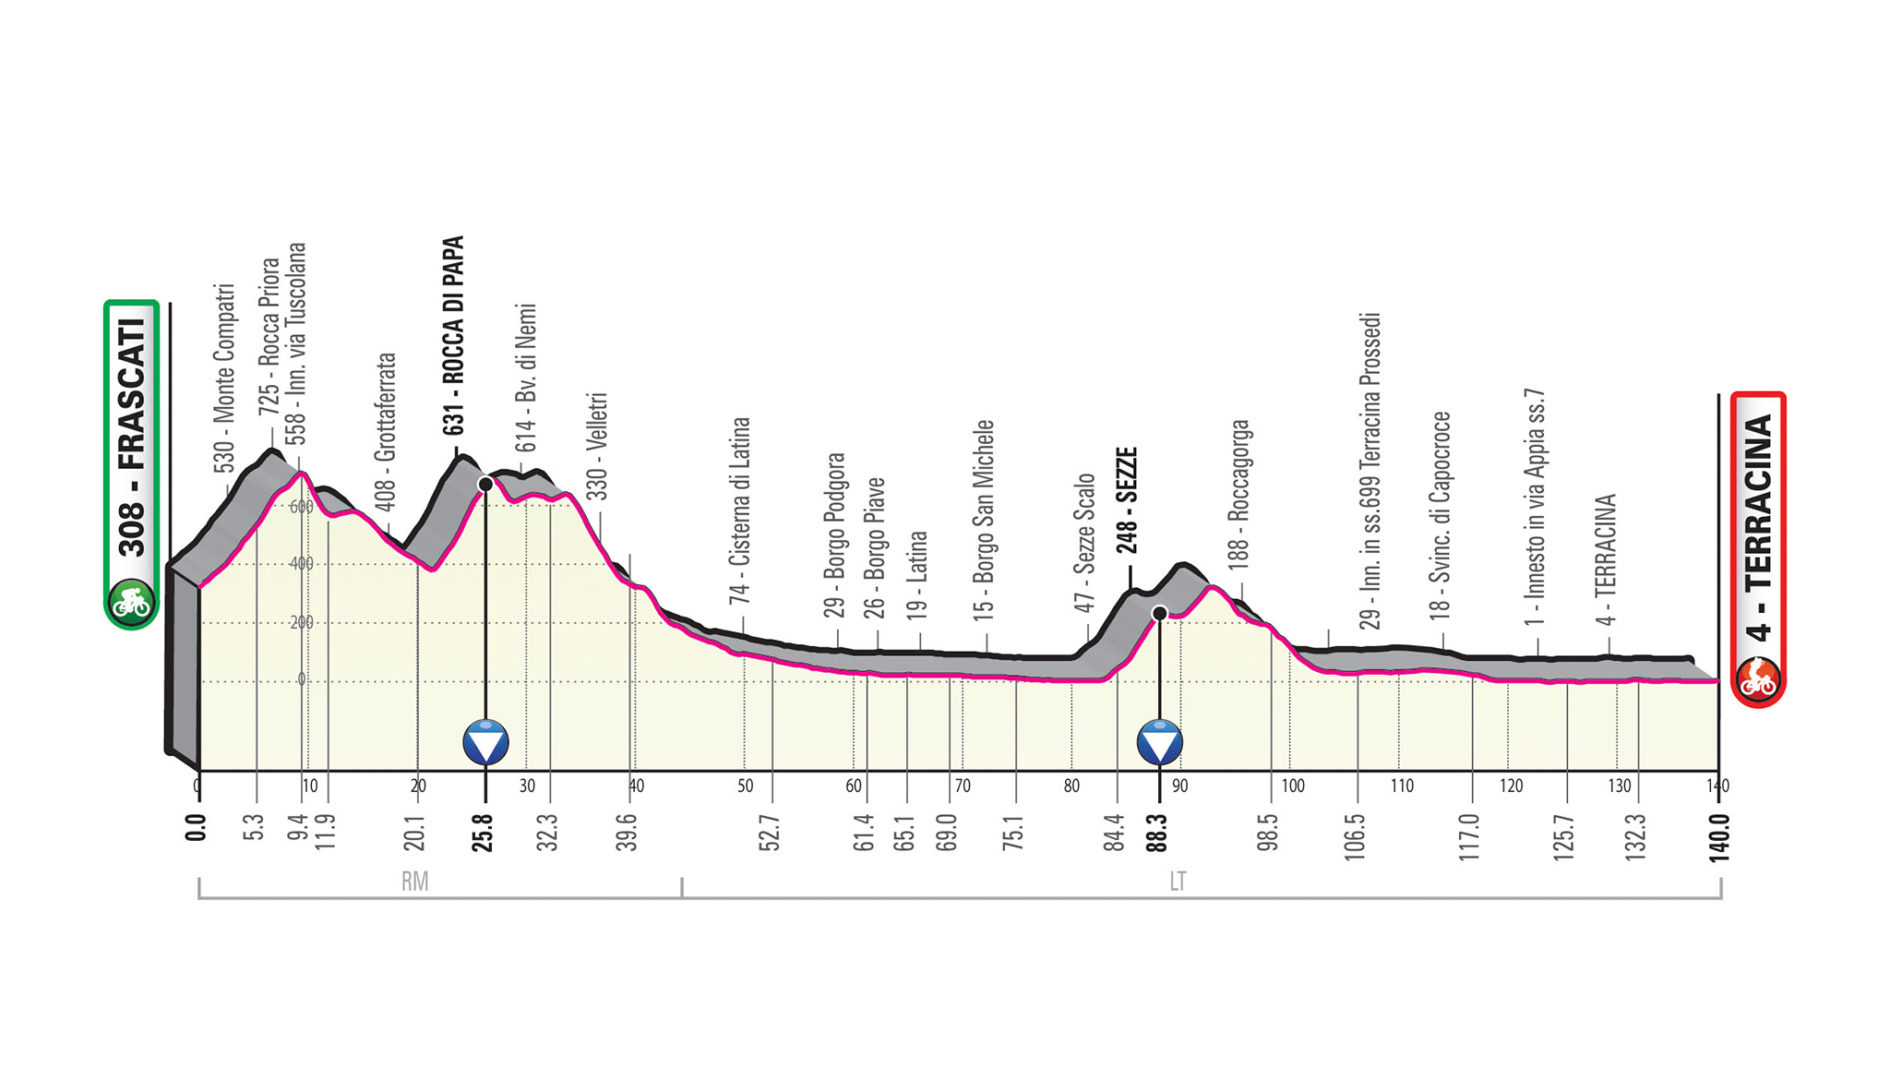 Frascati – Terracina. 140 kms.